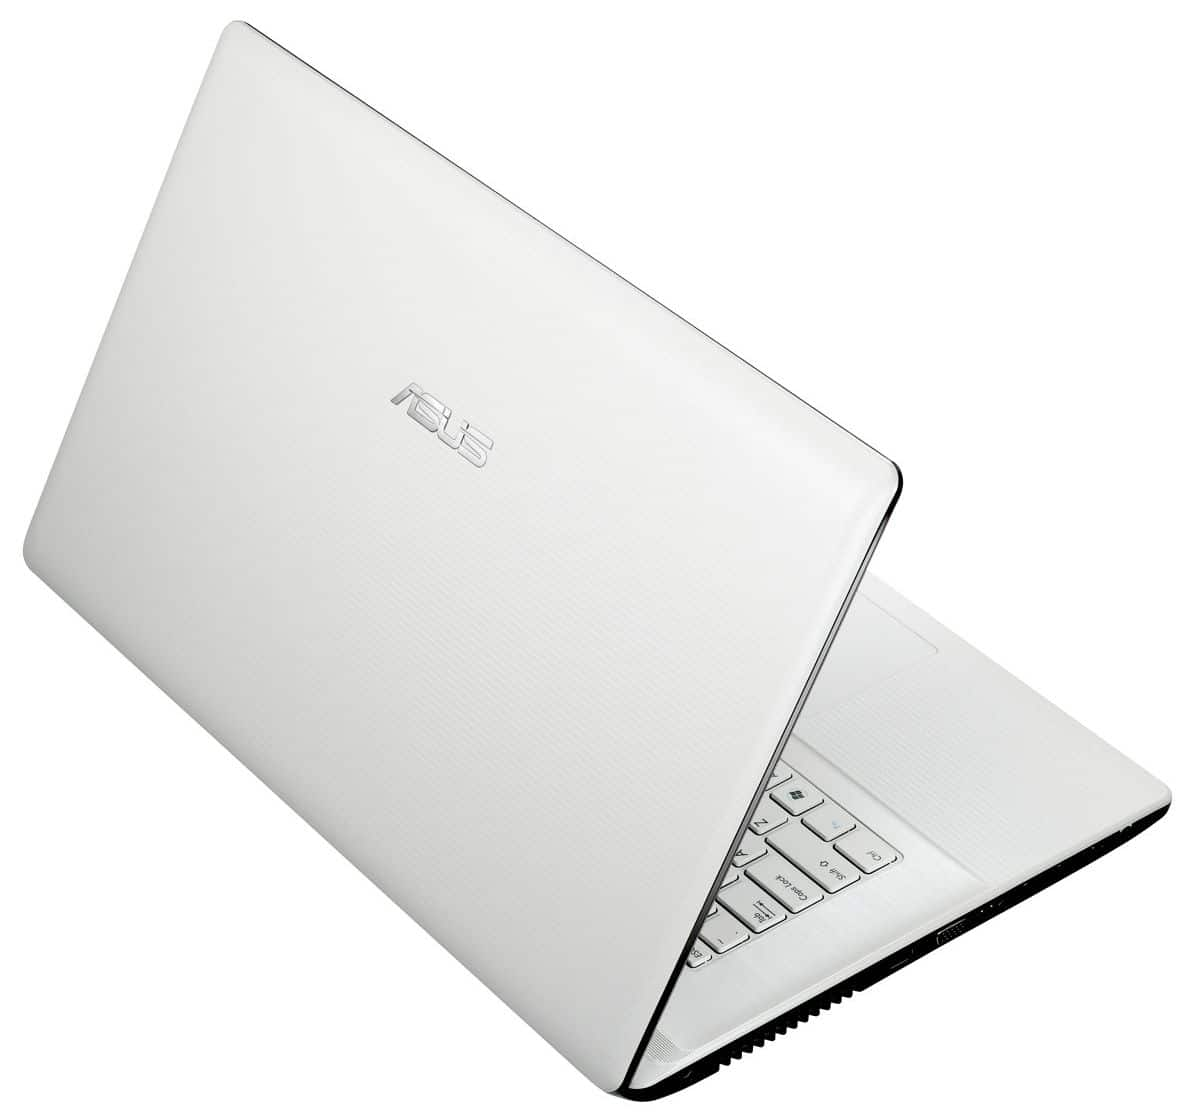 """<span class=""""toptagtitre"""">Promo ! </span>Asus X75VC-TY241H, 17'' avec Core i3, Geforce GT 720M à 449€ (coloris blanc)"""